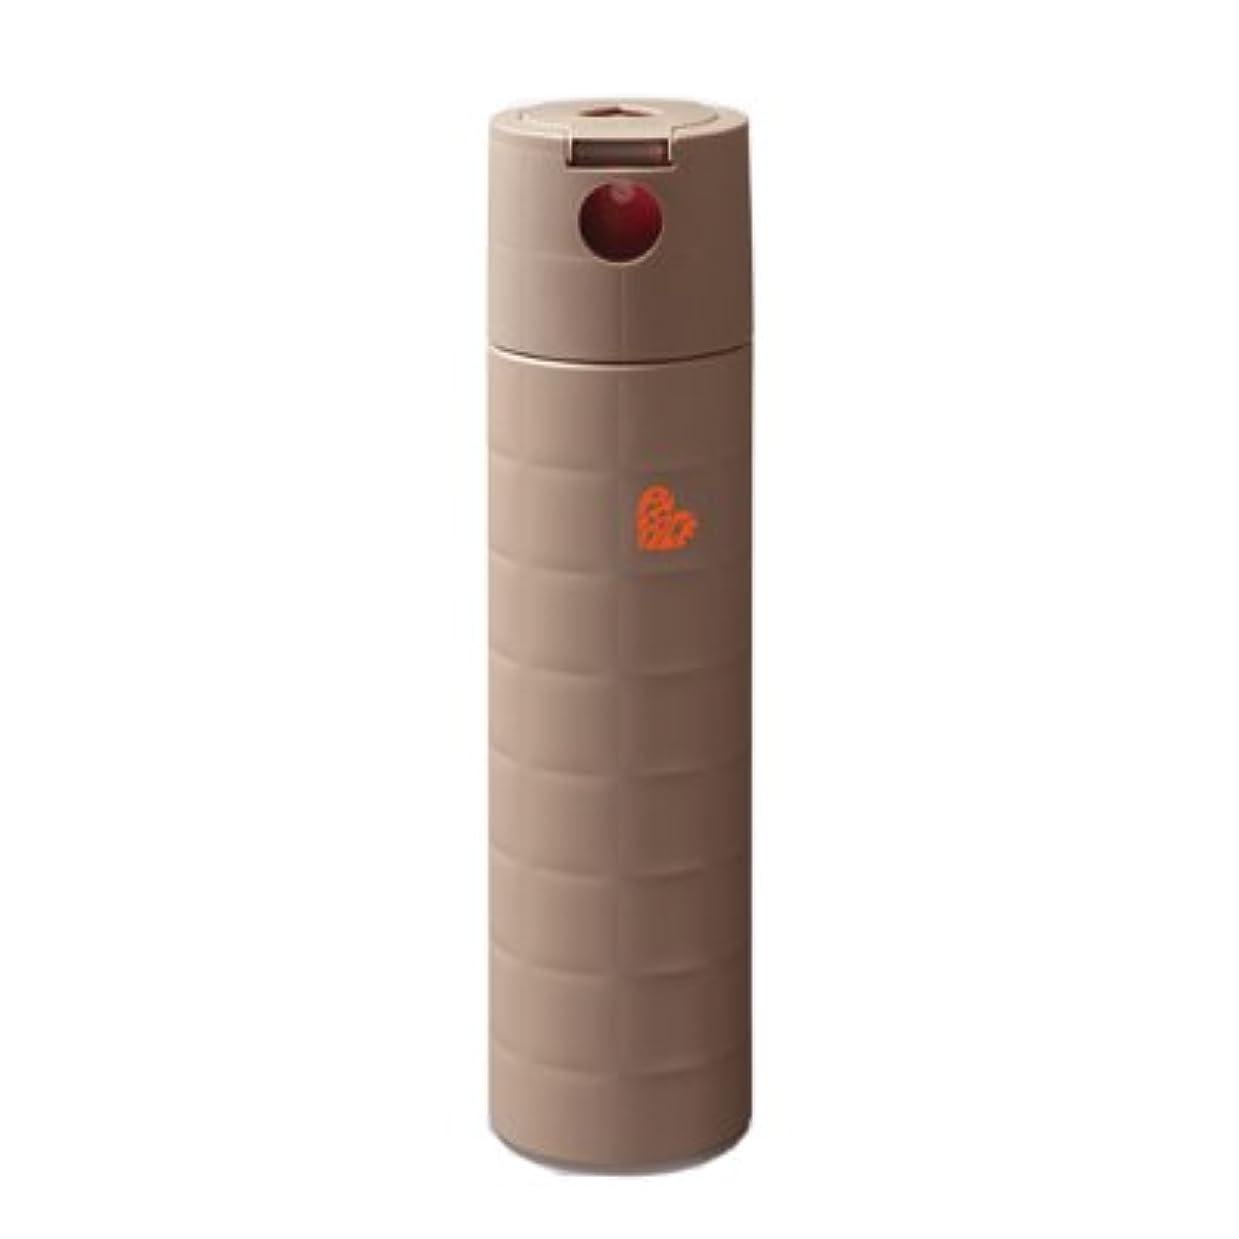 無能アプトベーカリーアリミノ ピース ワックスspray カフェオレ 143g(200ml) スプレーライン ARIMINO PEACE